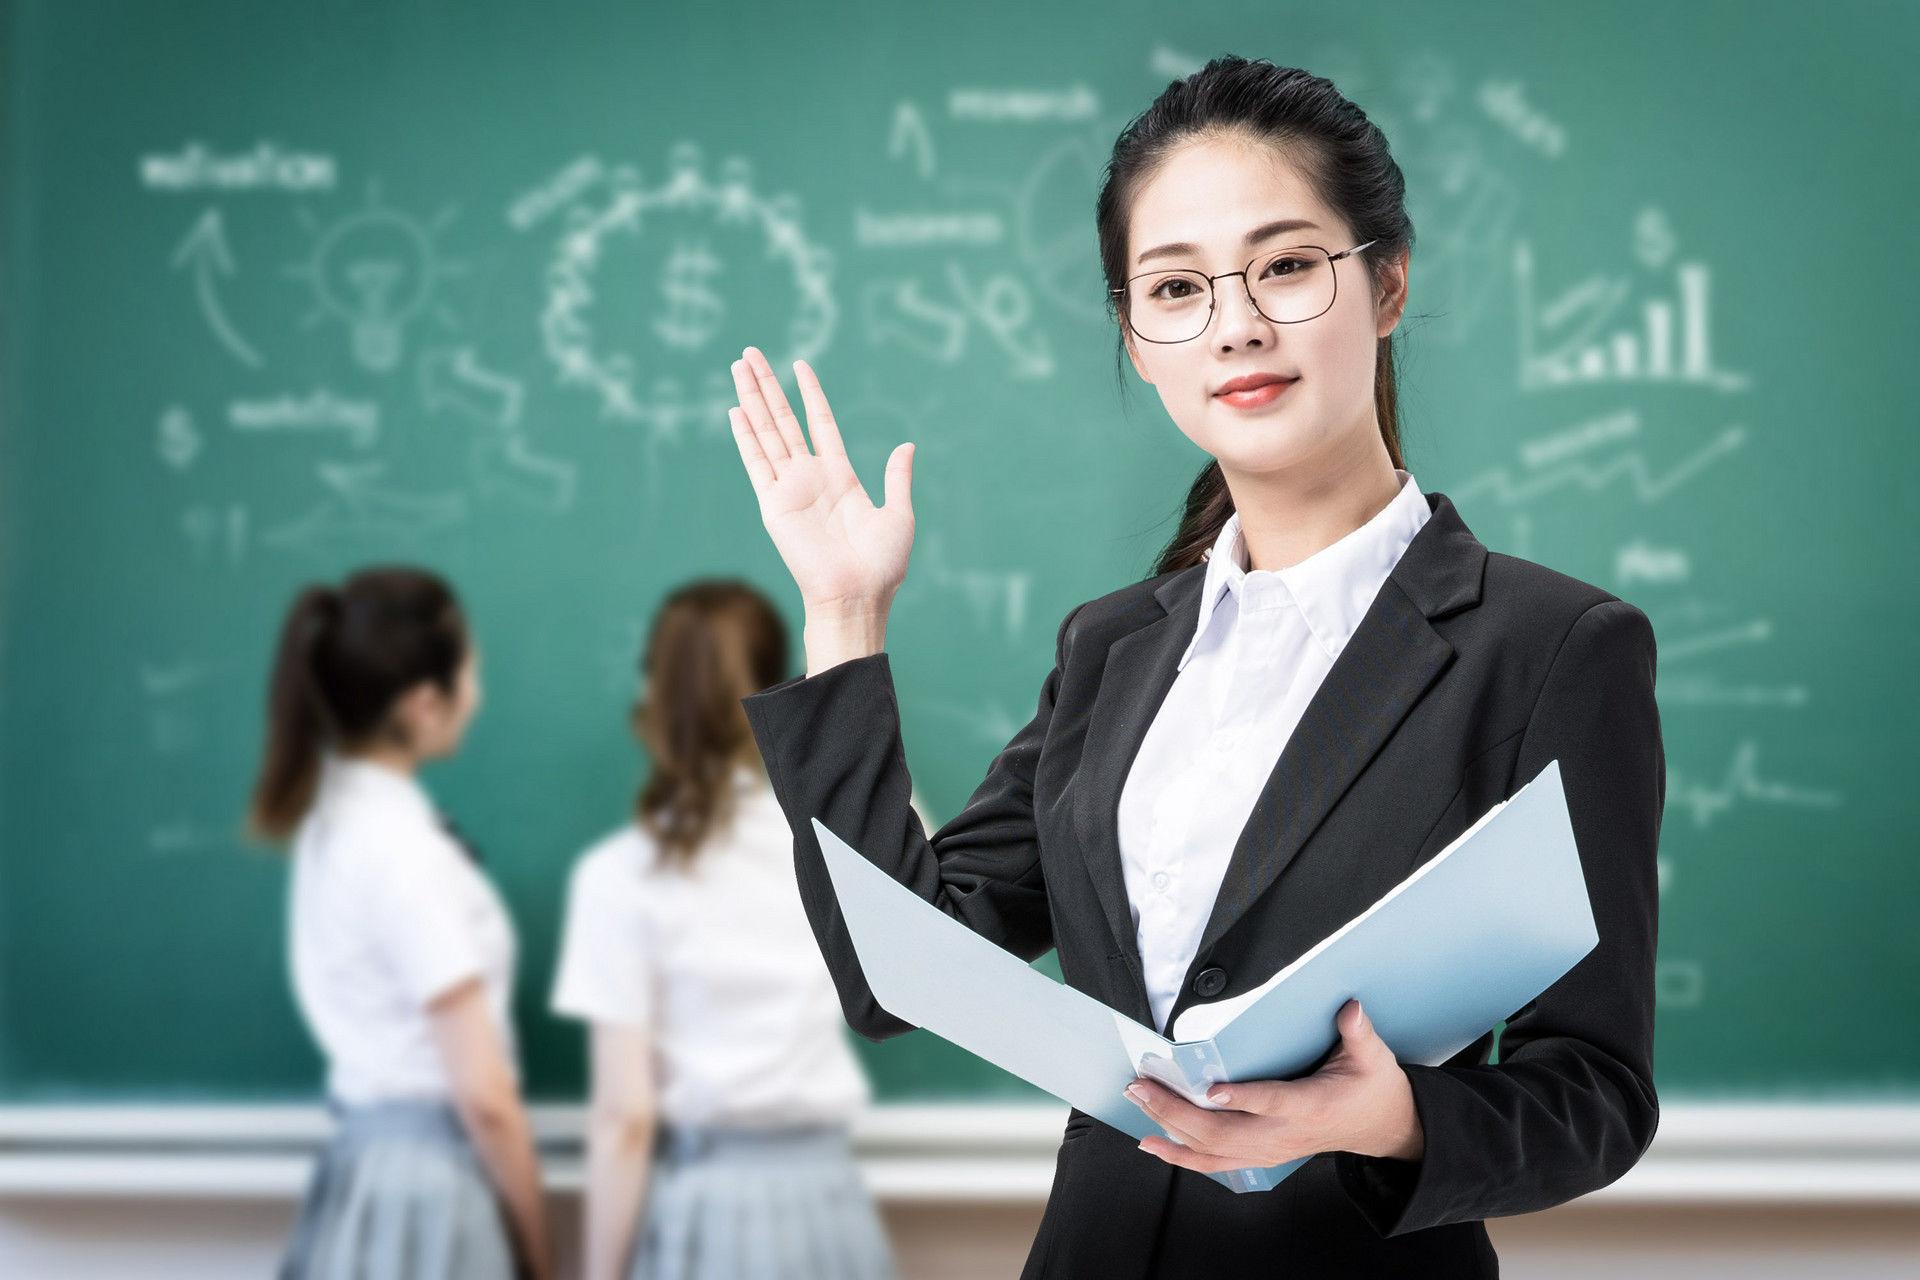 教师_青岛多措并举加强教师资格面试组织管理_青岛频道_凤凰网